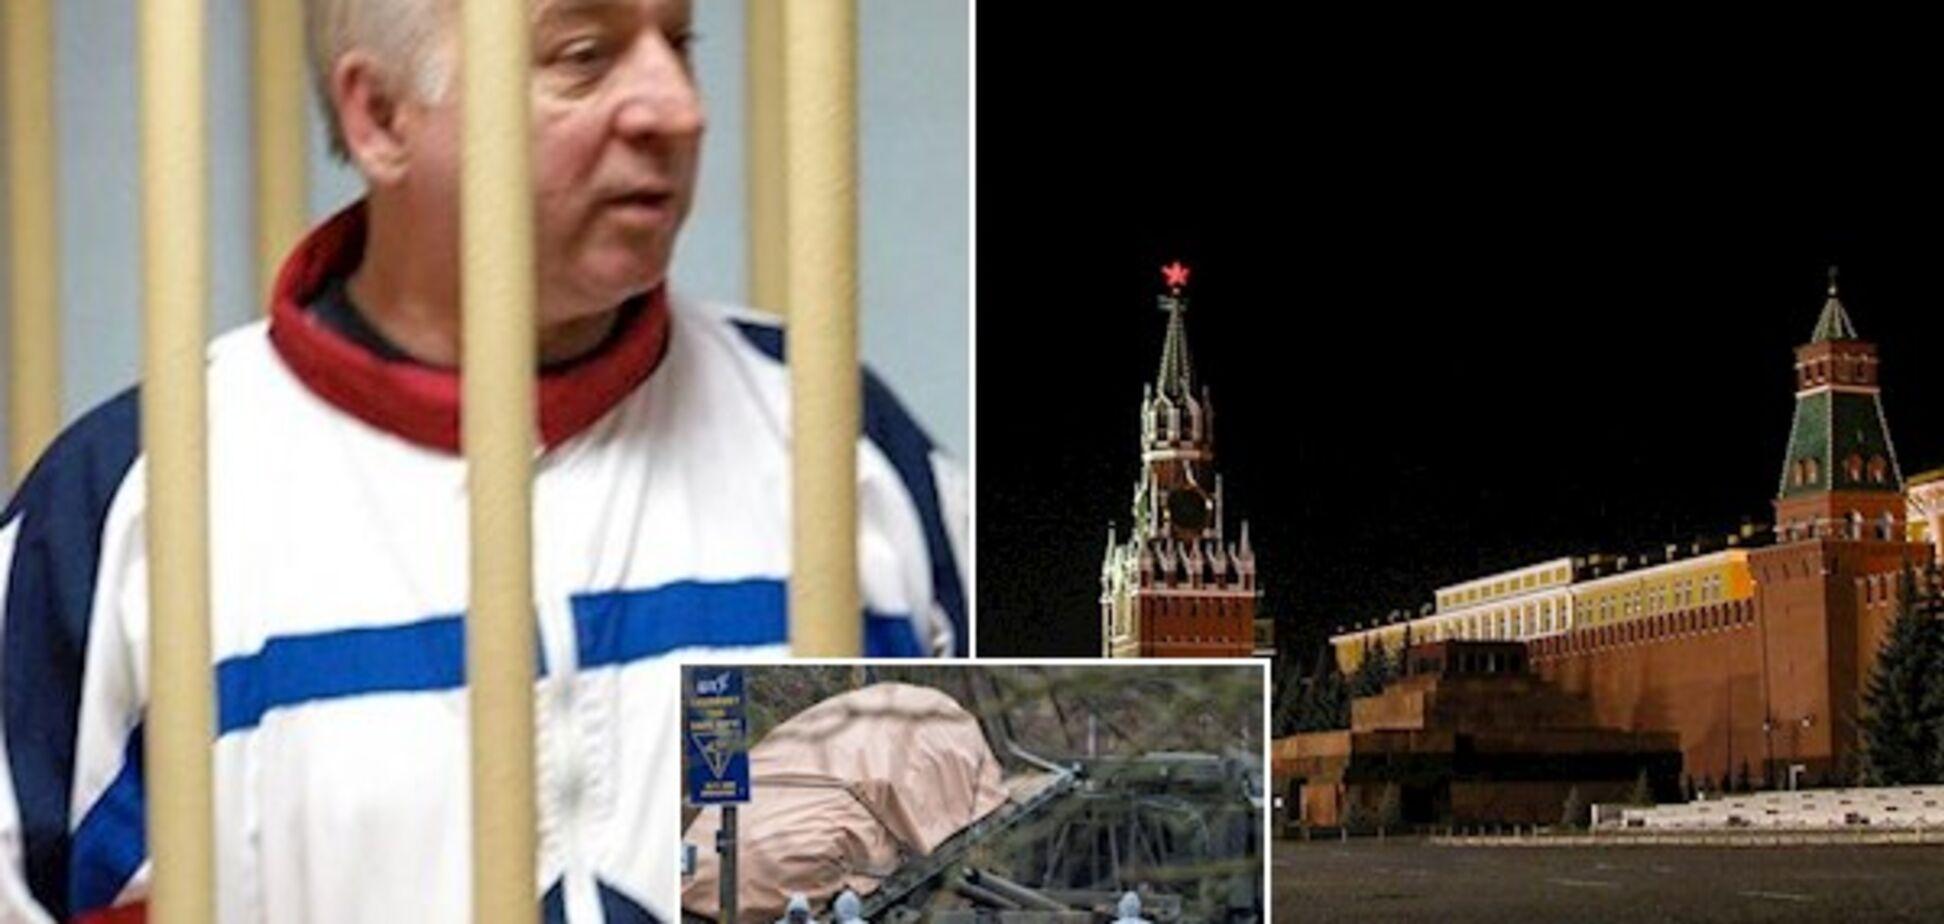 Специально оставили следы: российский журналист раскрыл замысел Москвы в отравлении Скрипаля